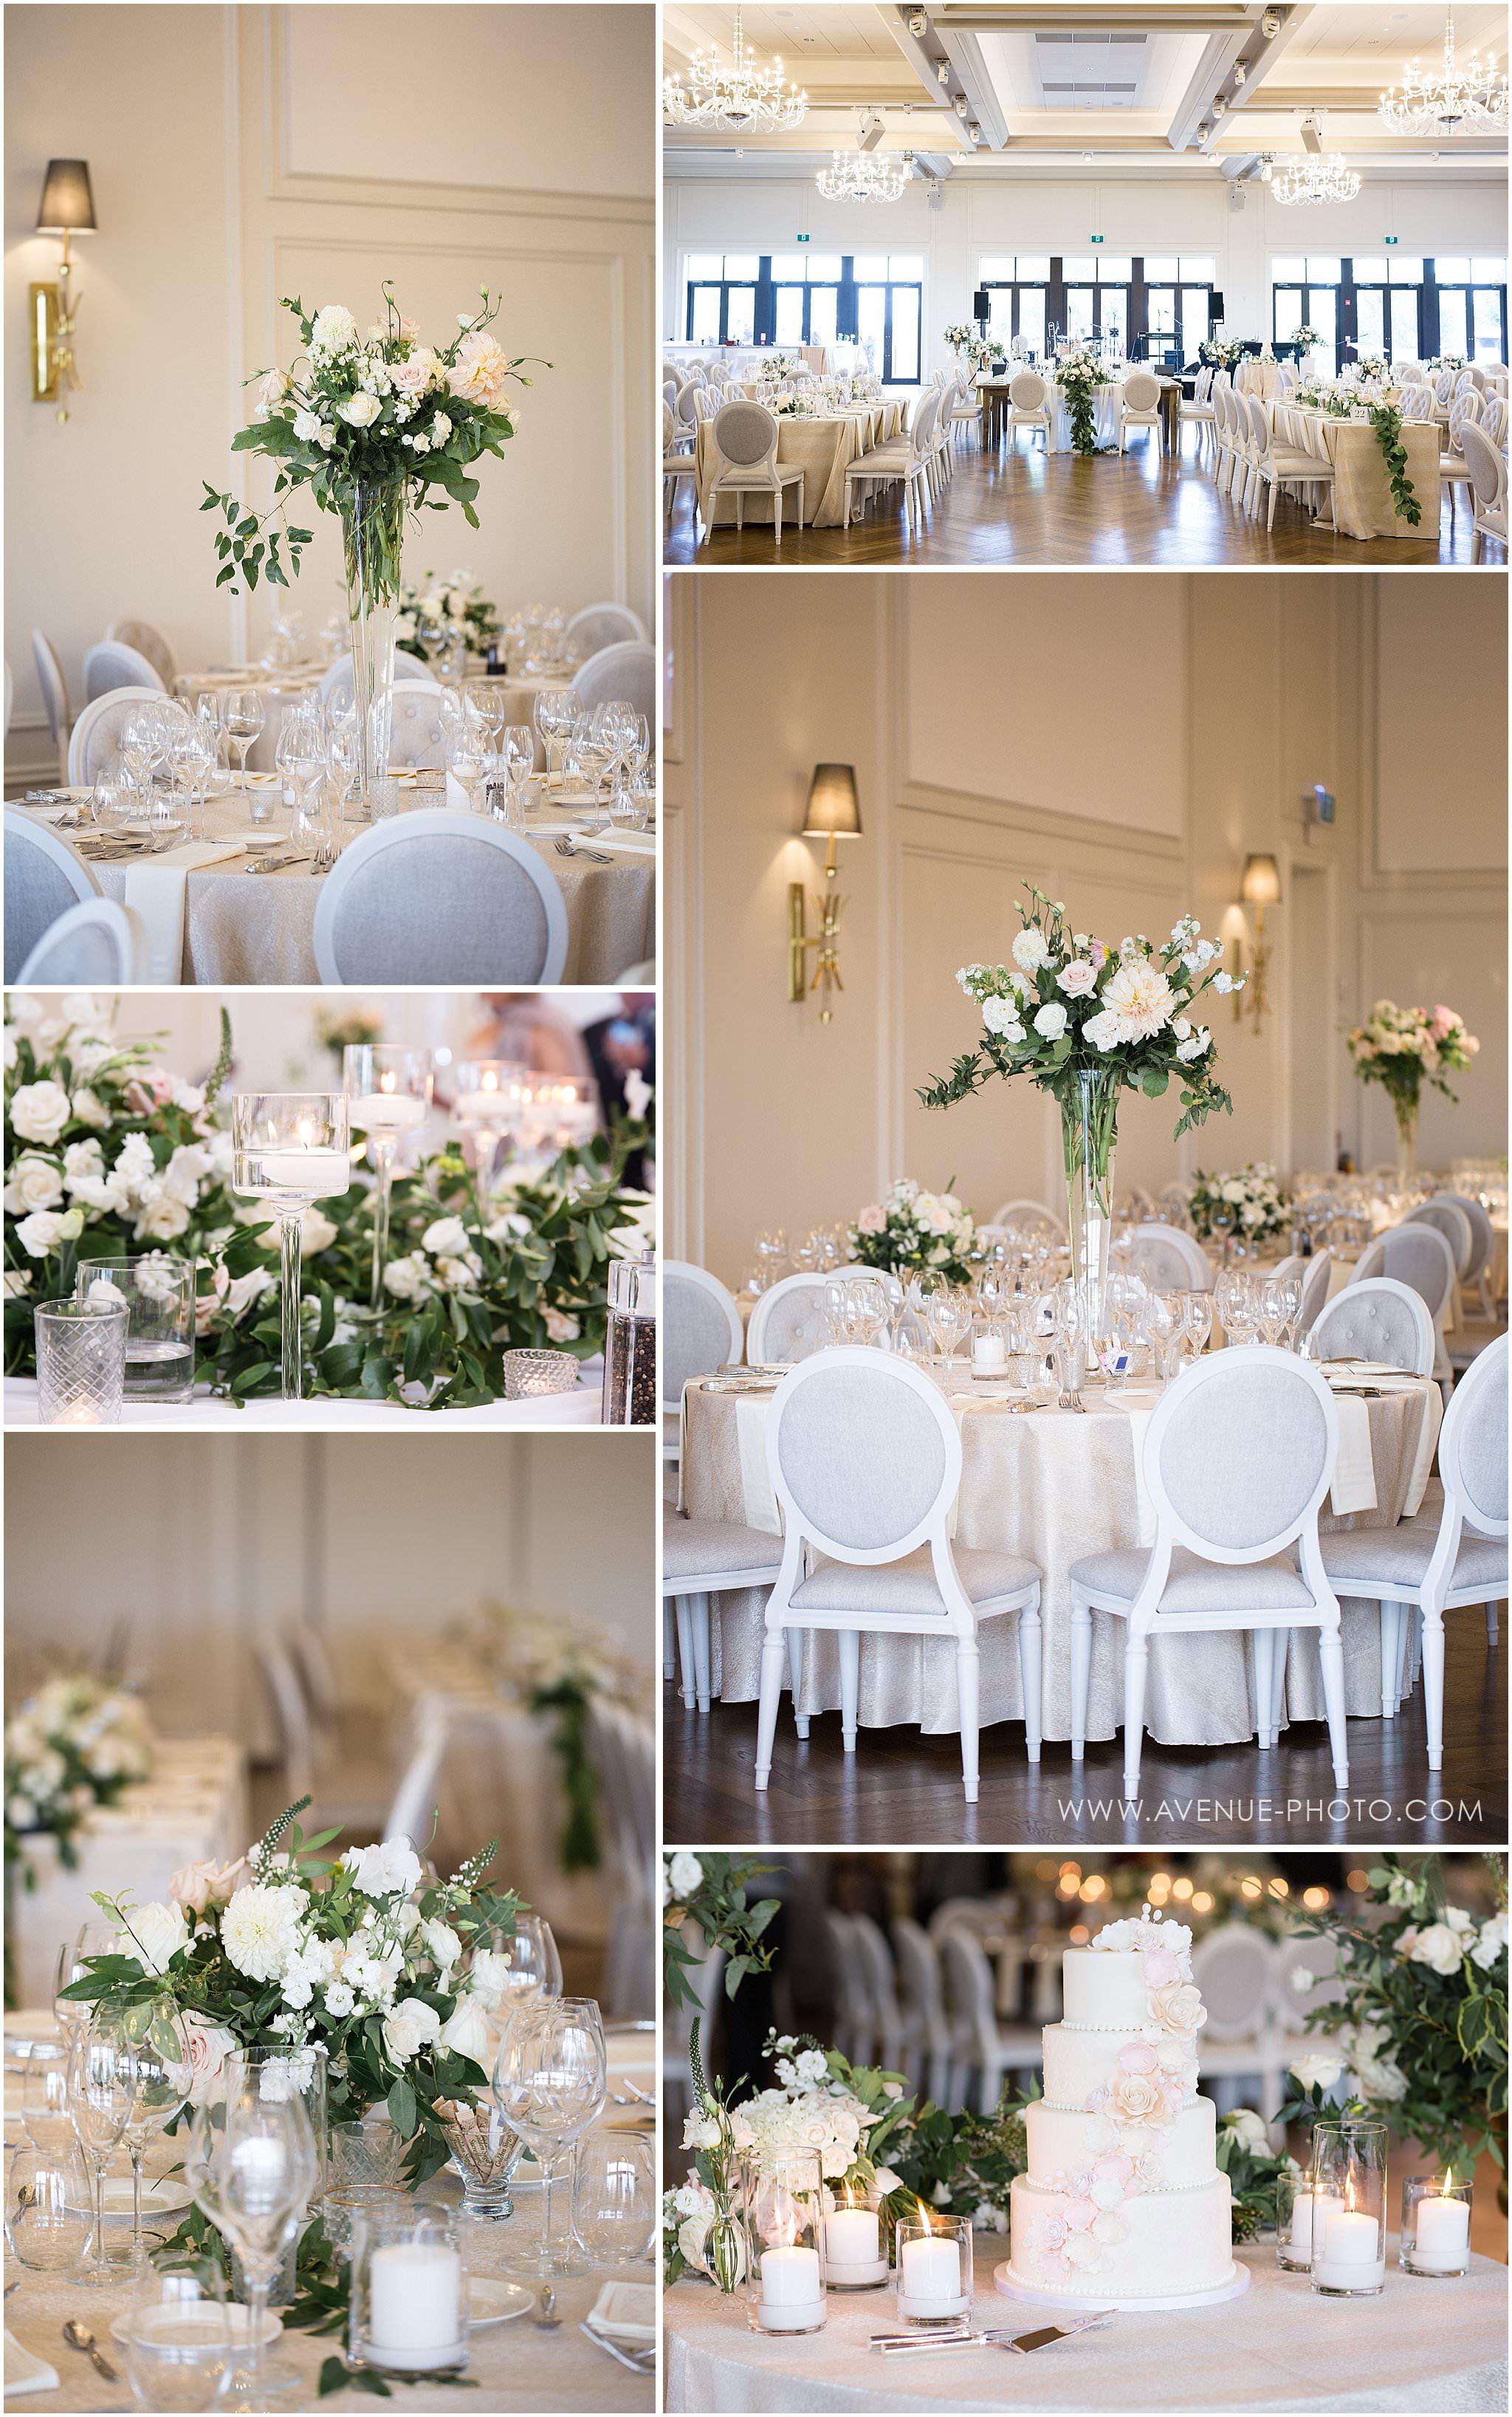 The Arlington Estate Wedding Photos - Kleinburg Wedding Photography, Luxury Wedding, WedLuxe